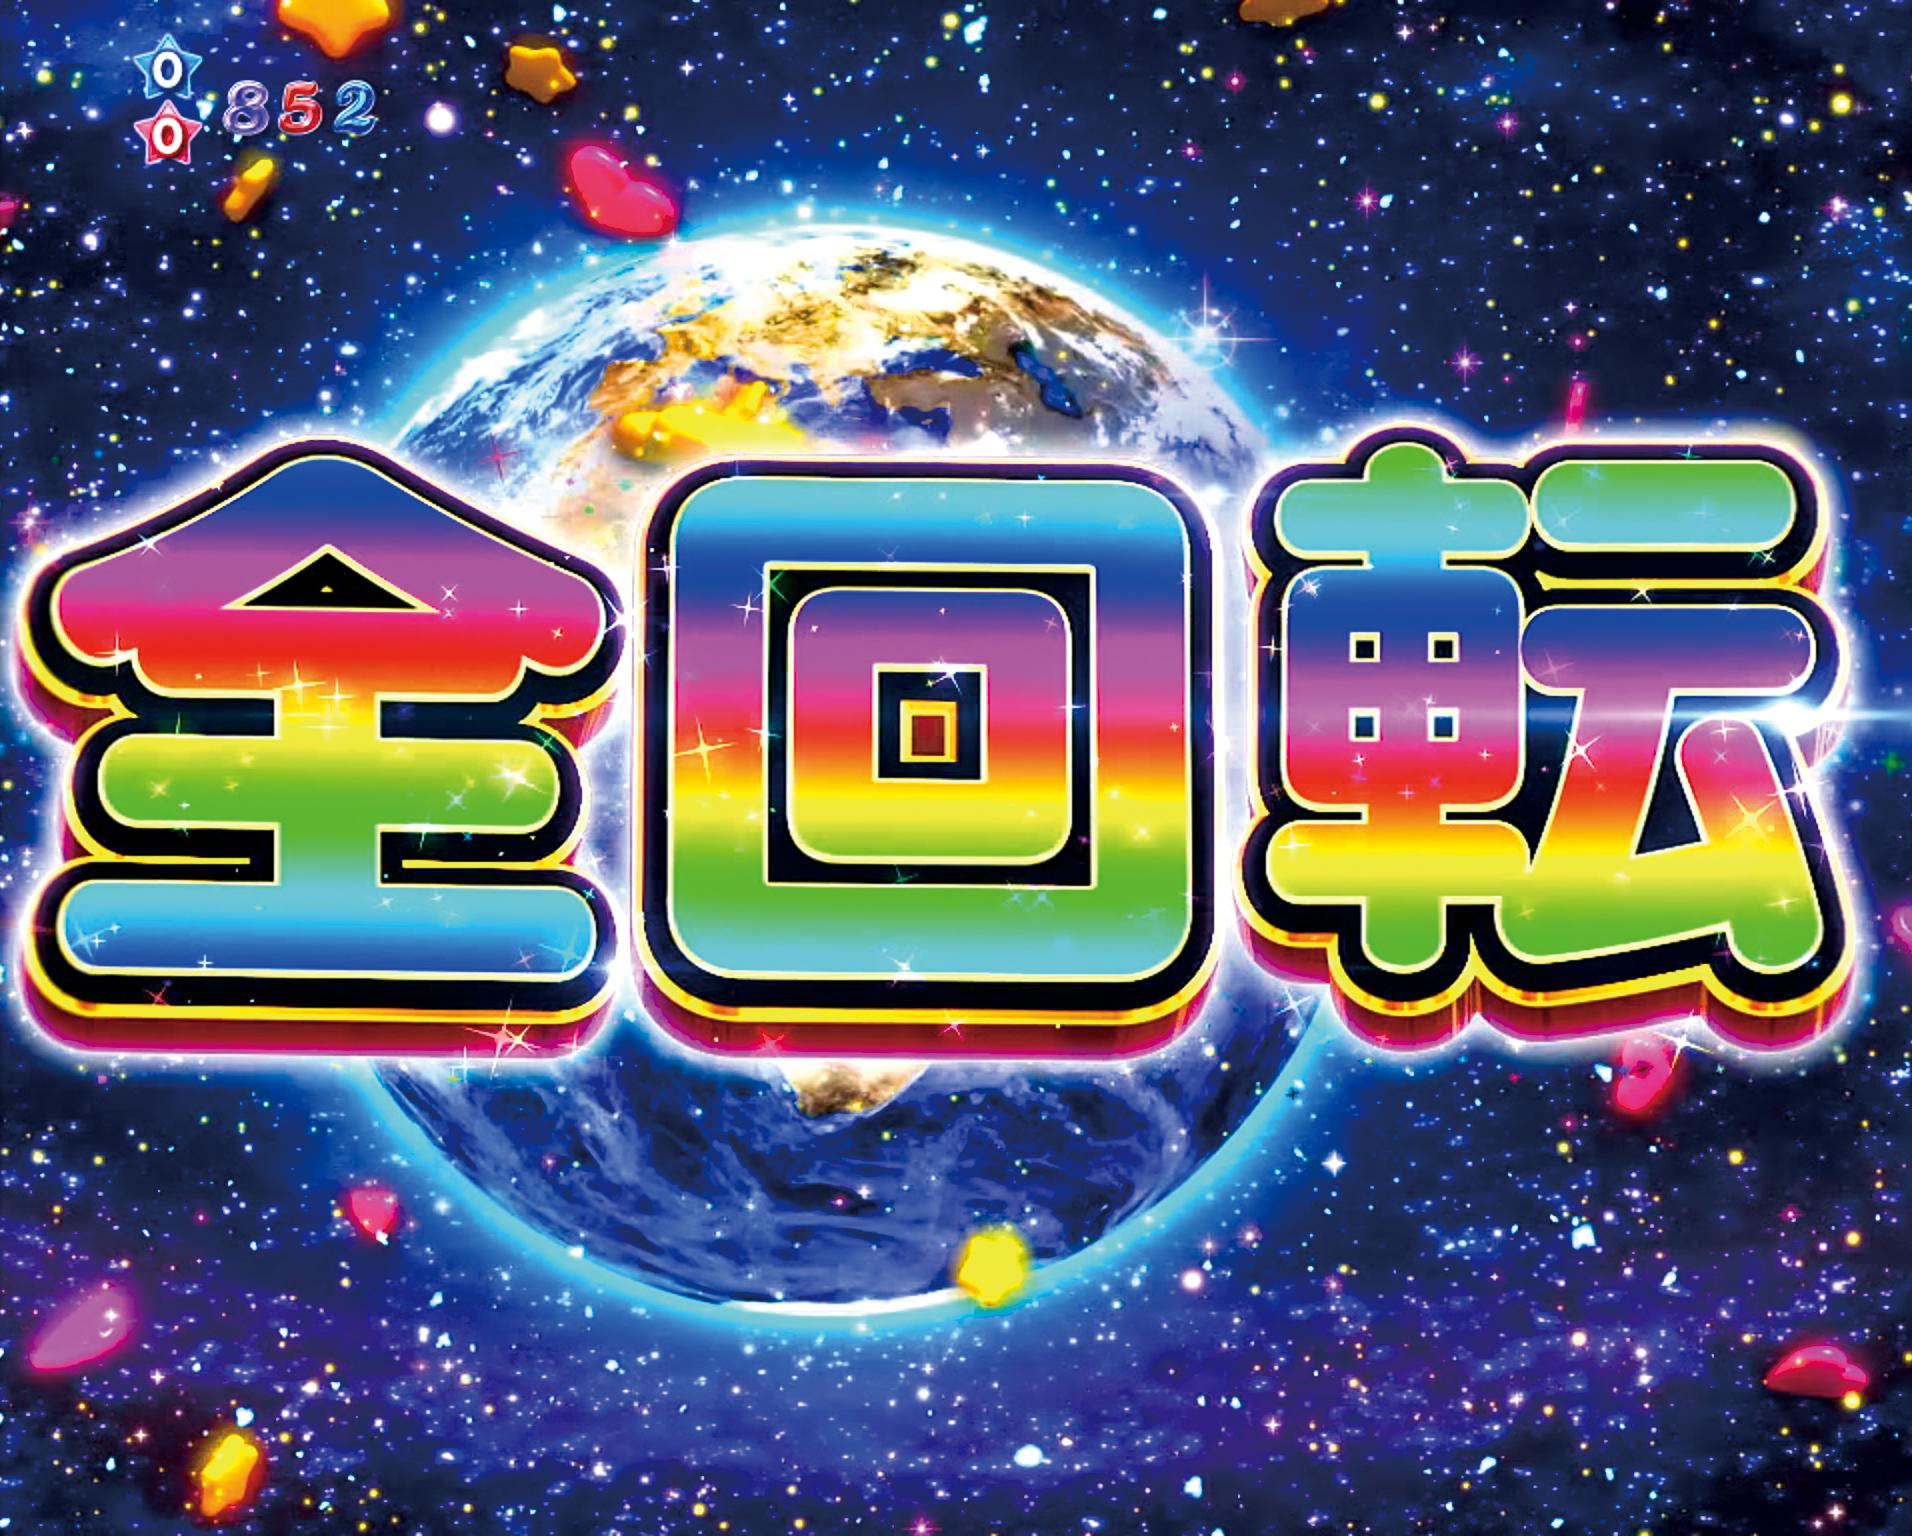 ぱちんこピンク・レディー 甘デジの全回転画像